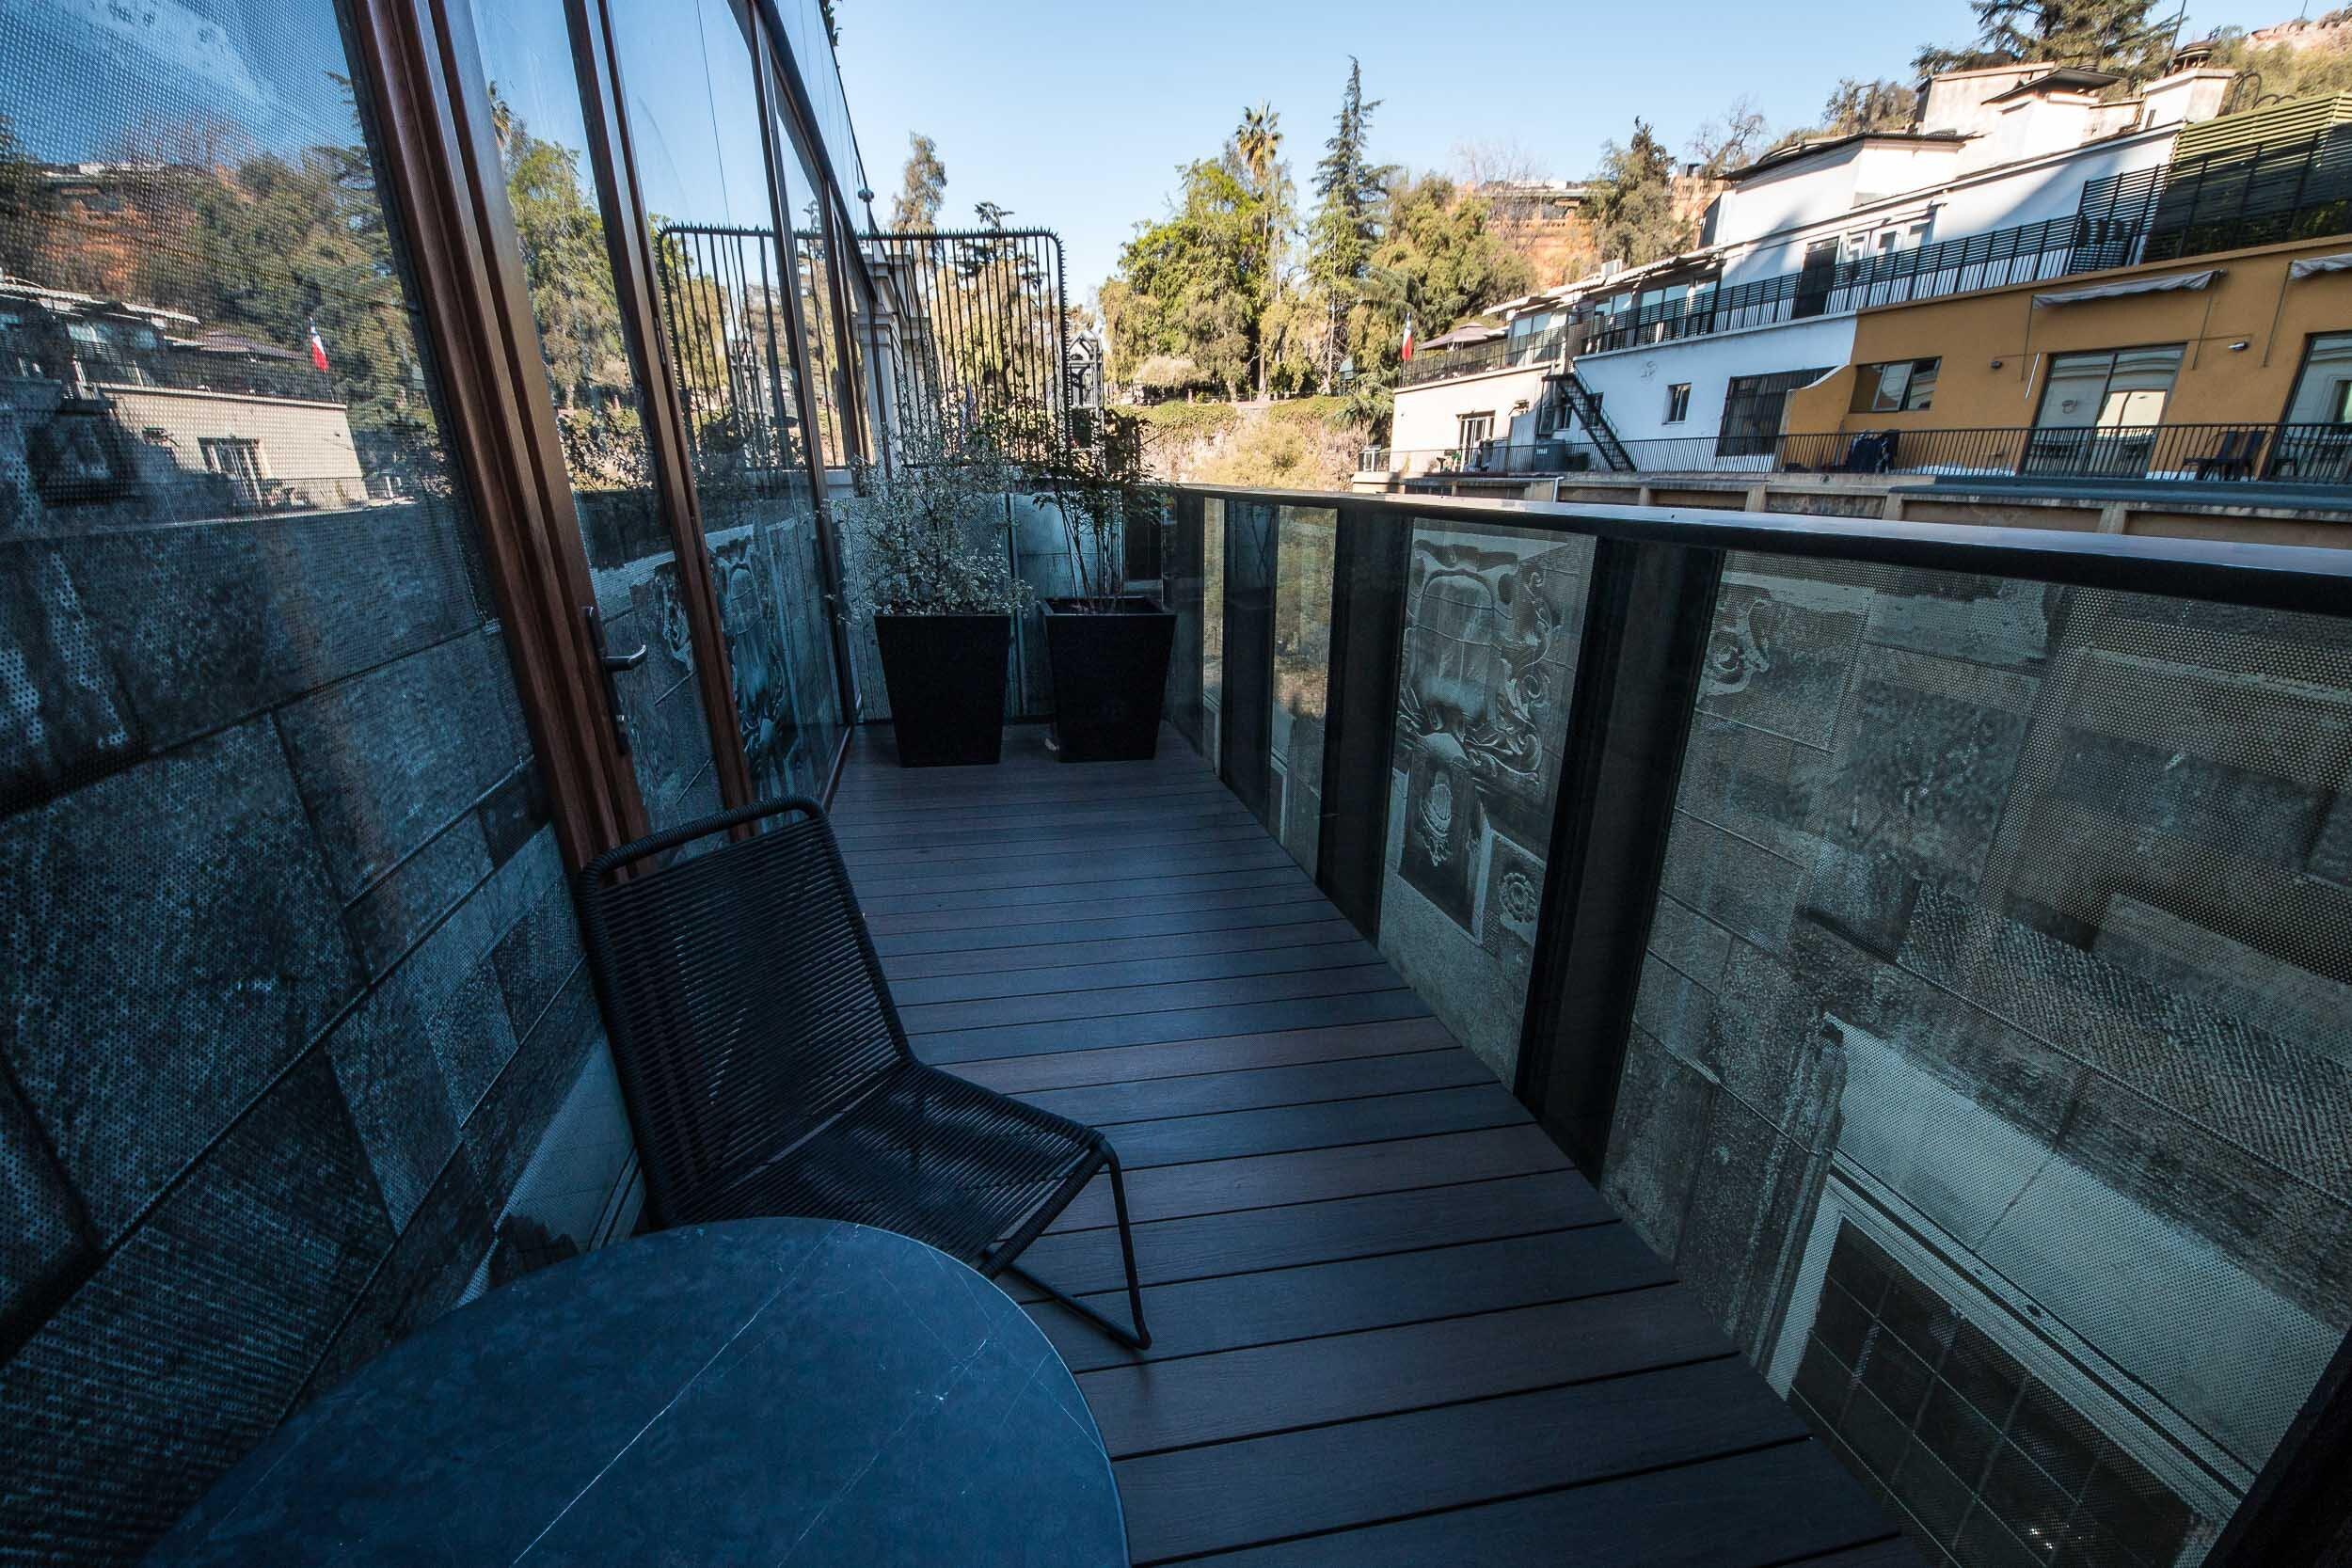 Room 65 Balcony, Hotel Magnolia, Santiago, Chile